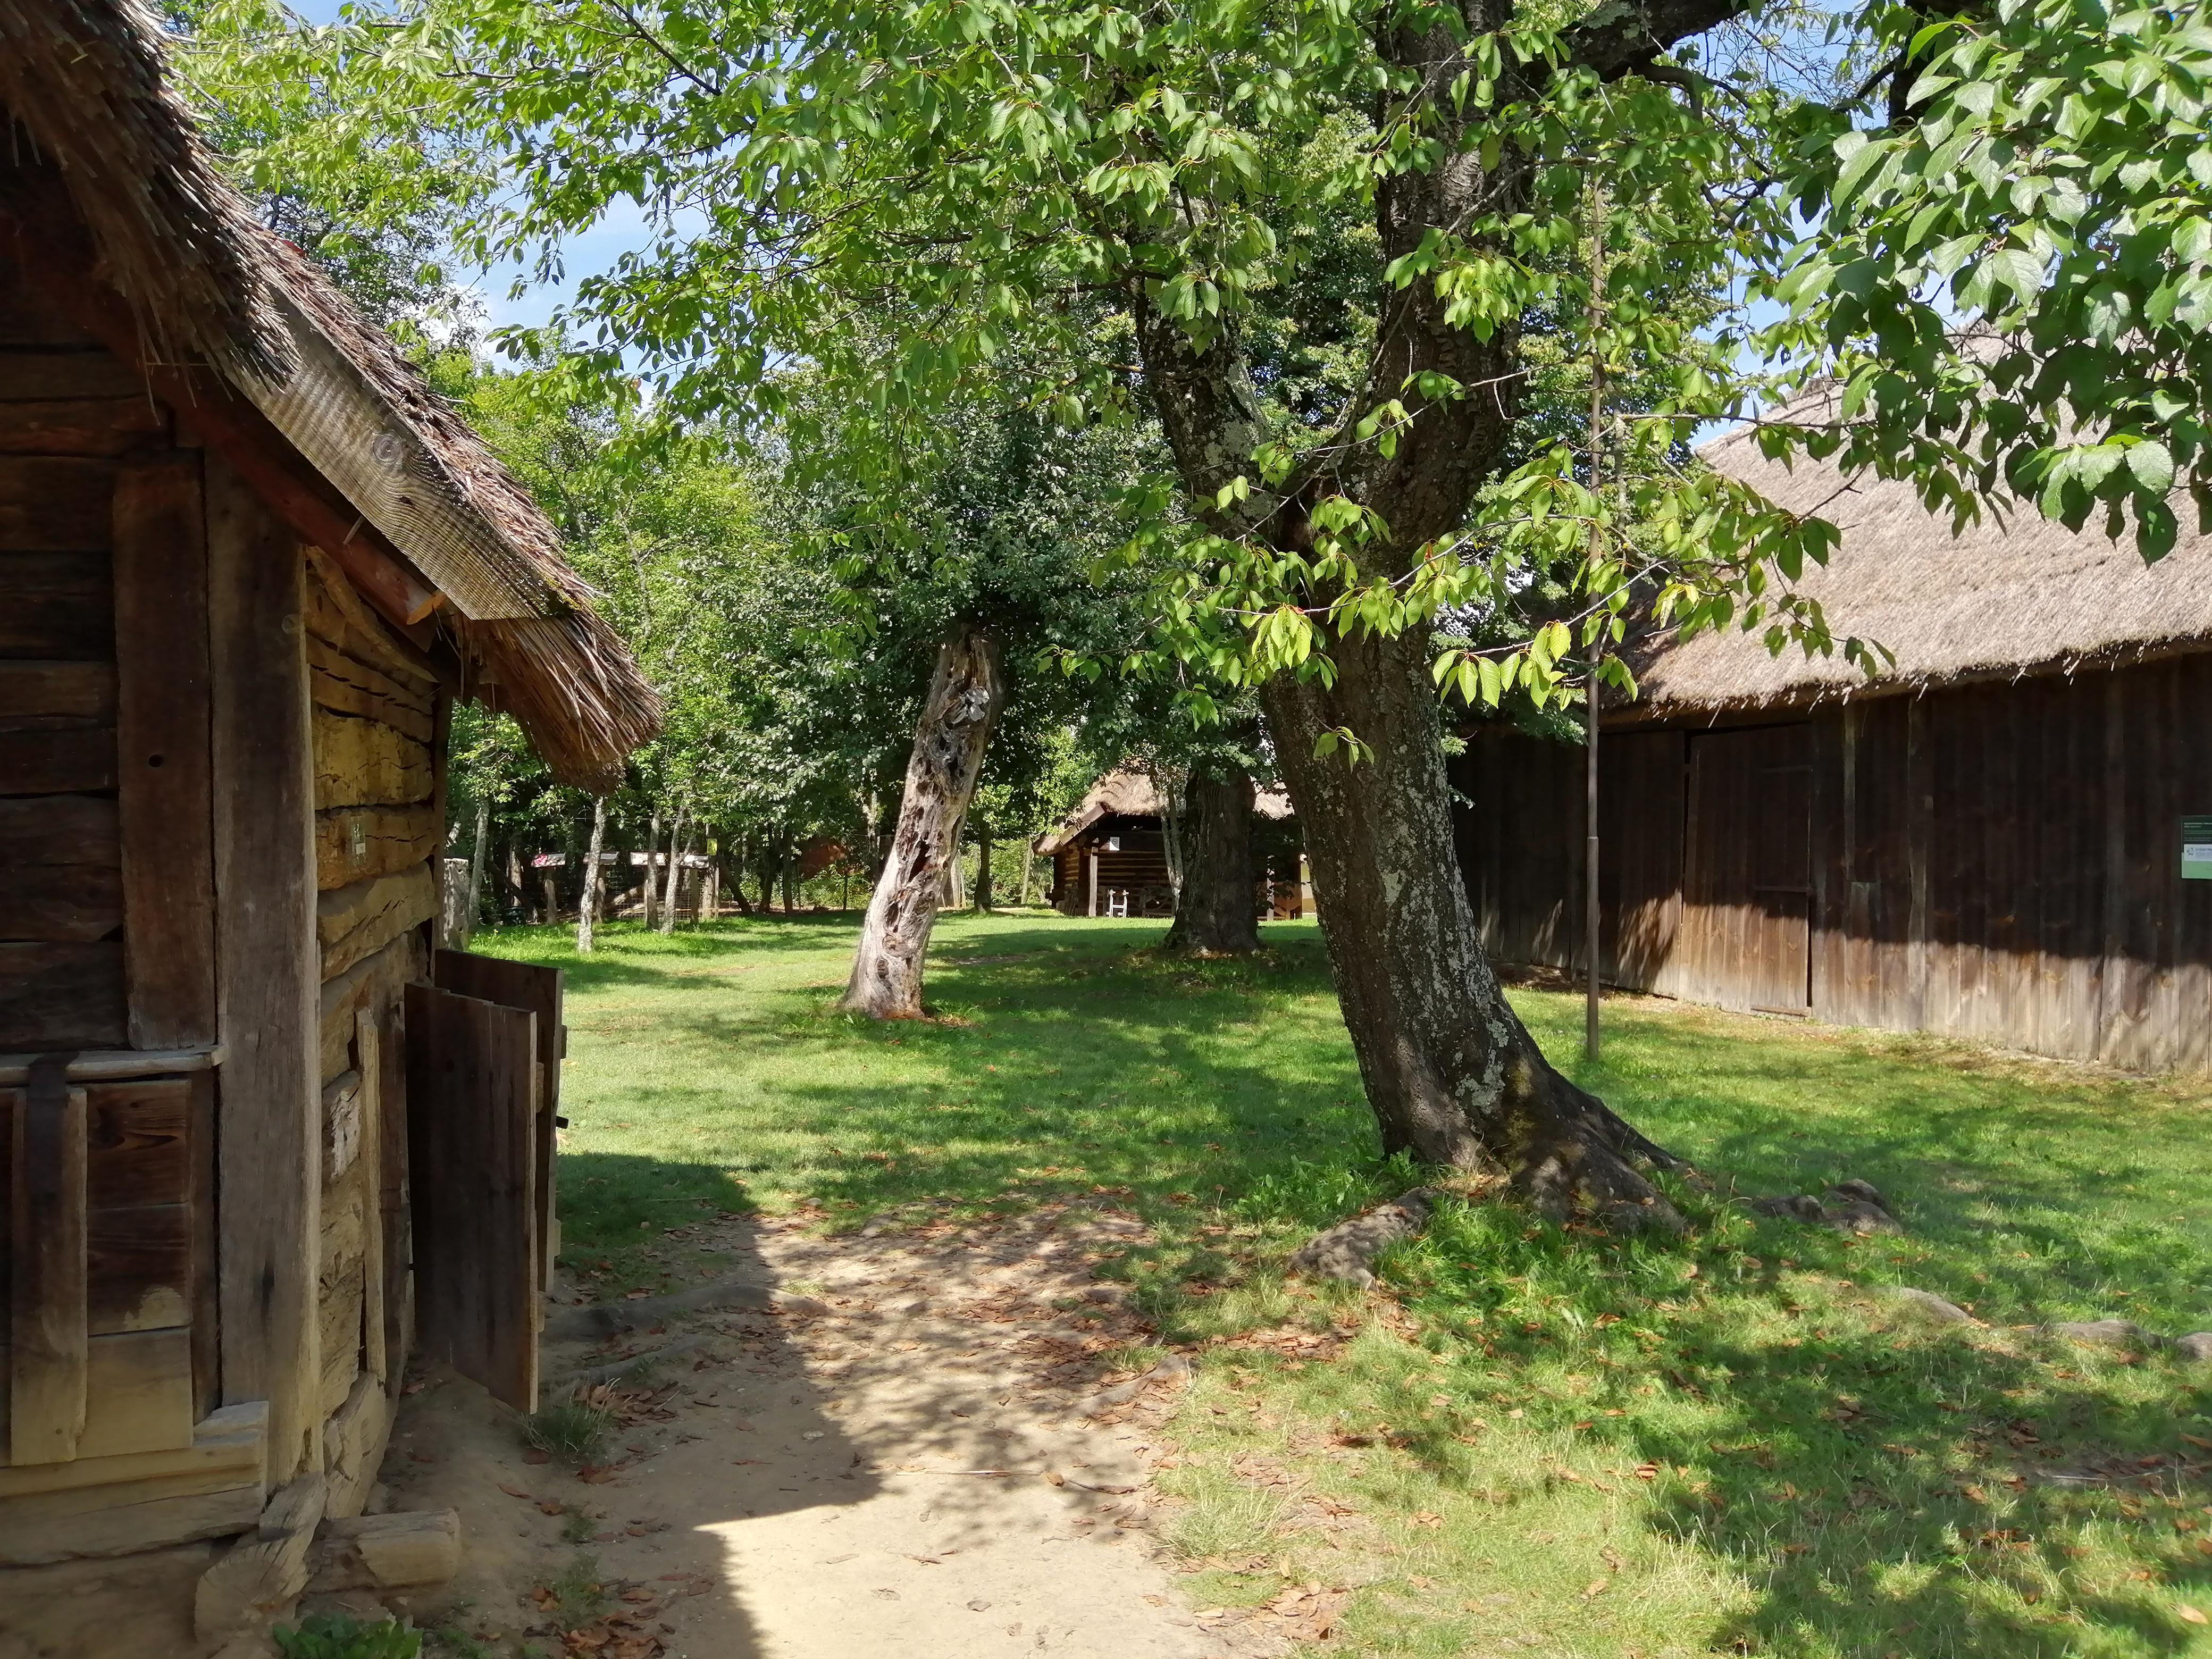 Őrség, Göcsej és Hetés – A szeges, szeres falvak és haranglábak vidékén